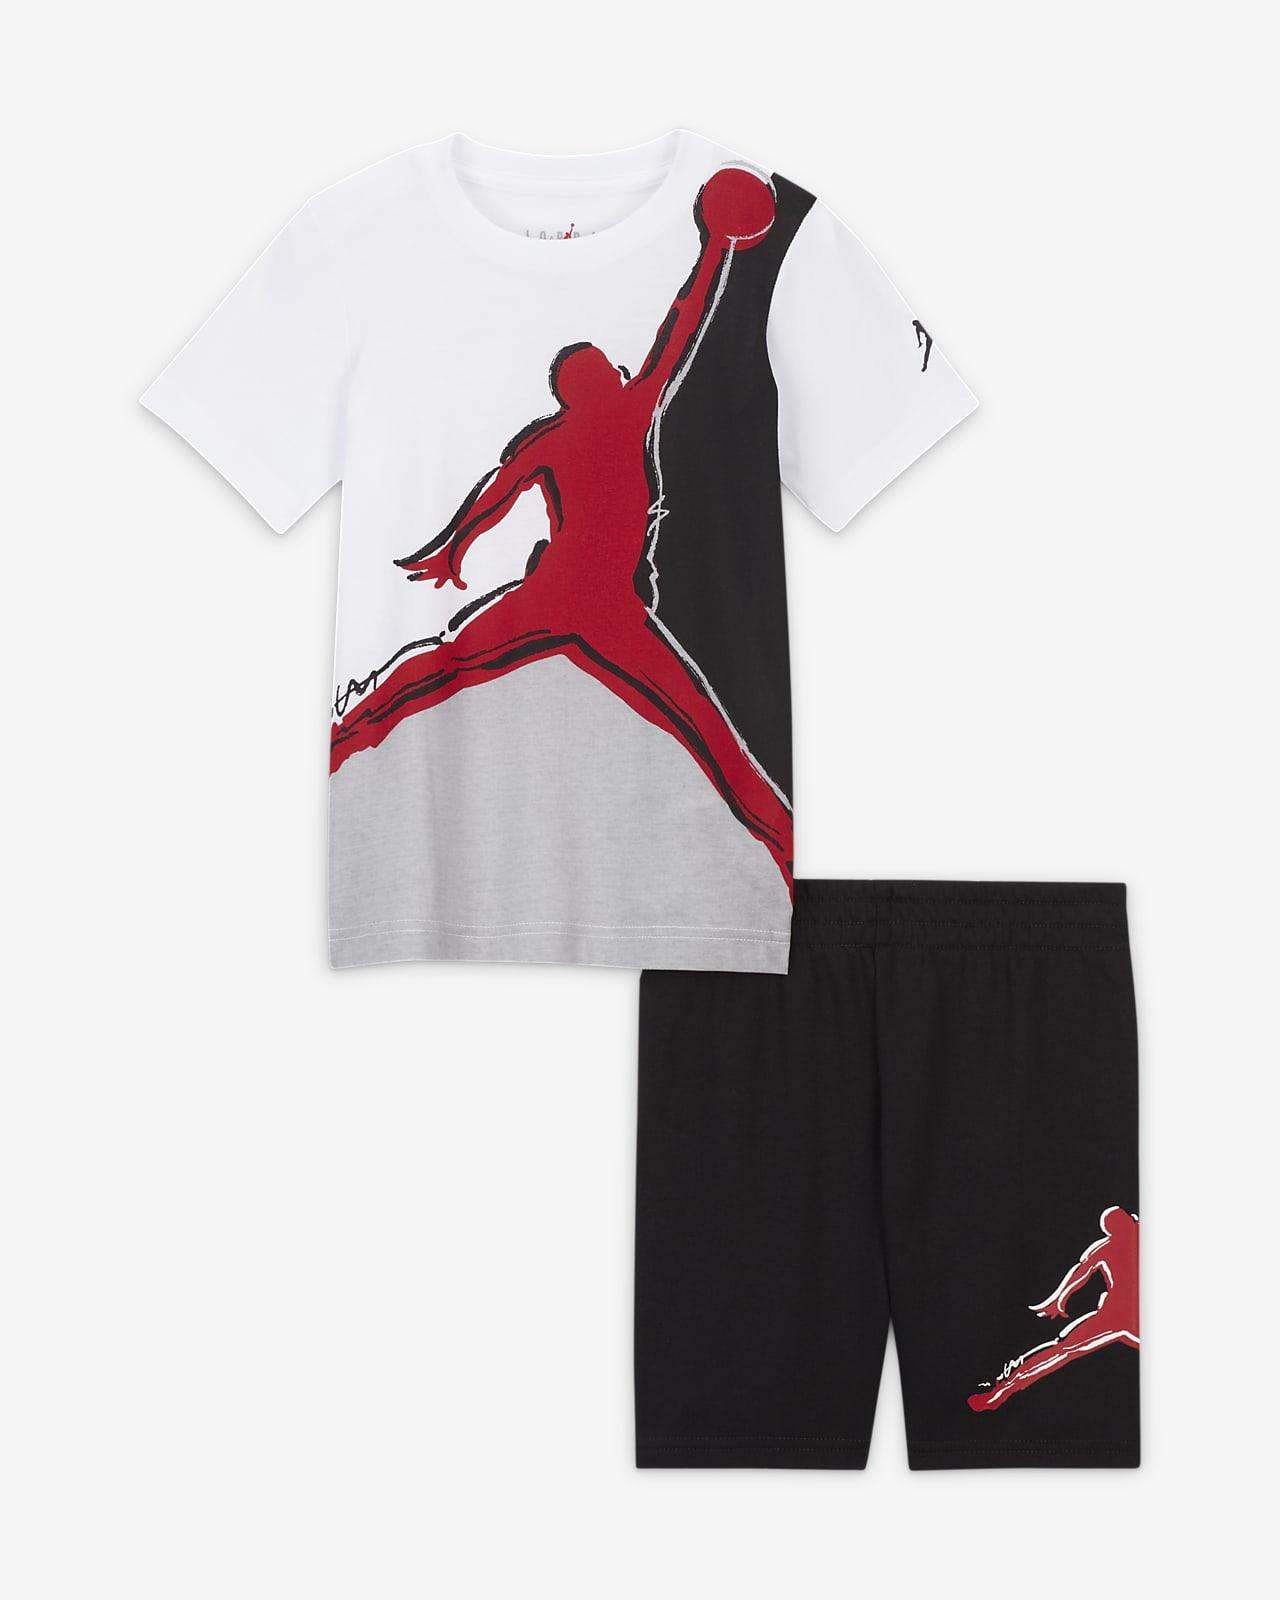 Jordan Little Kids' T-Shirt and Shorts